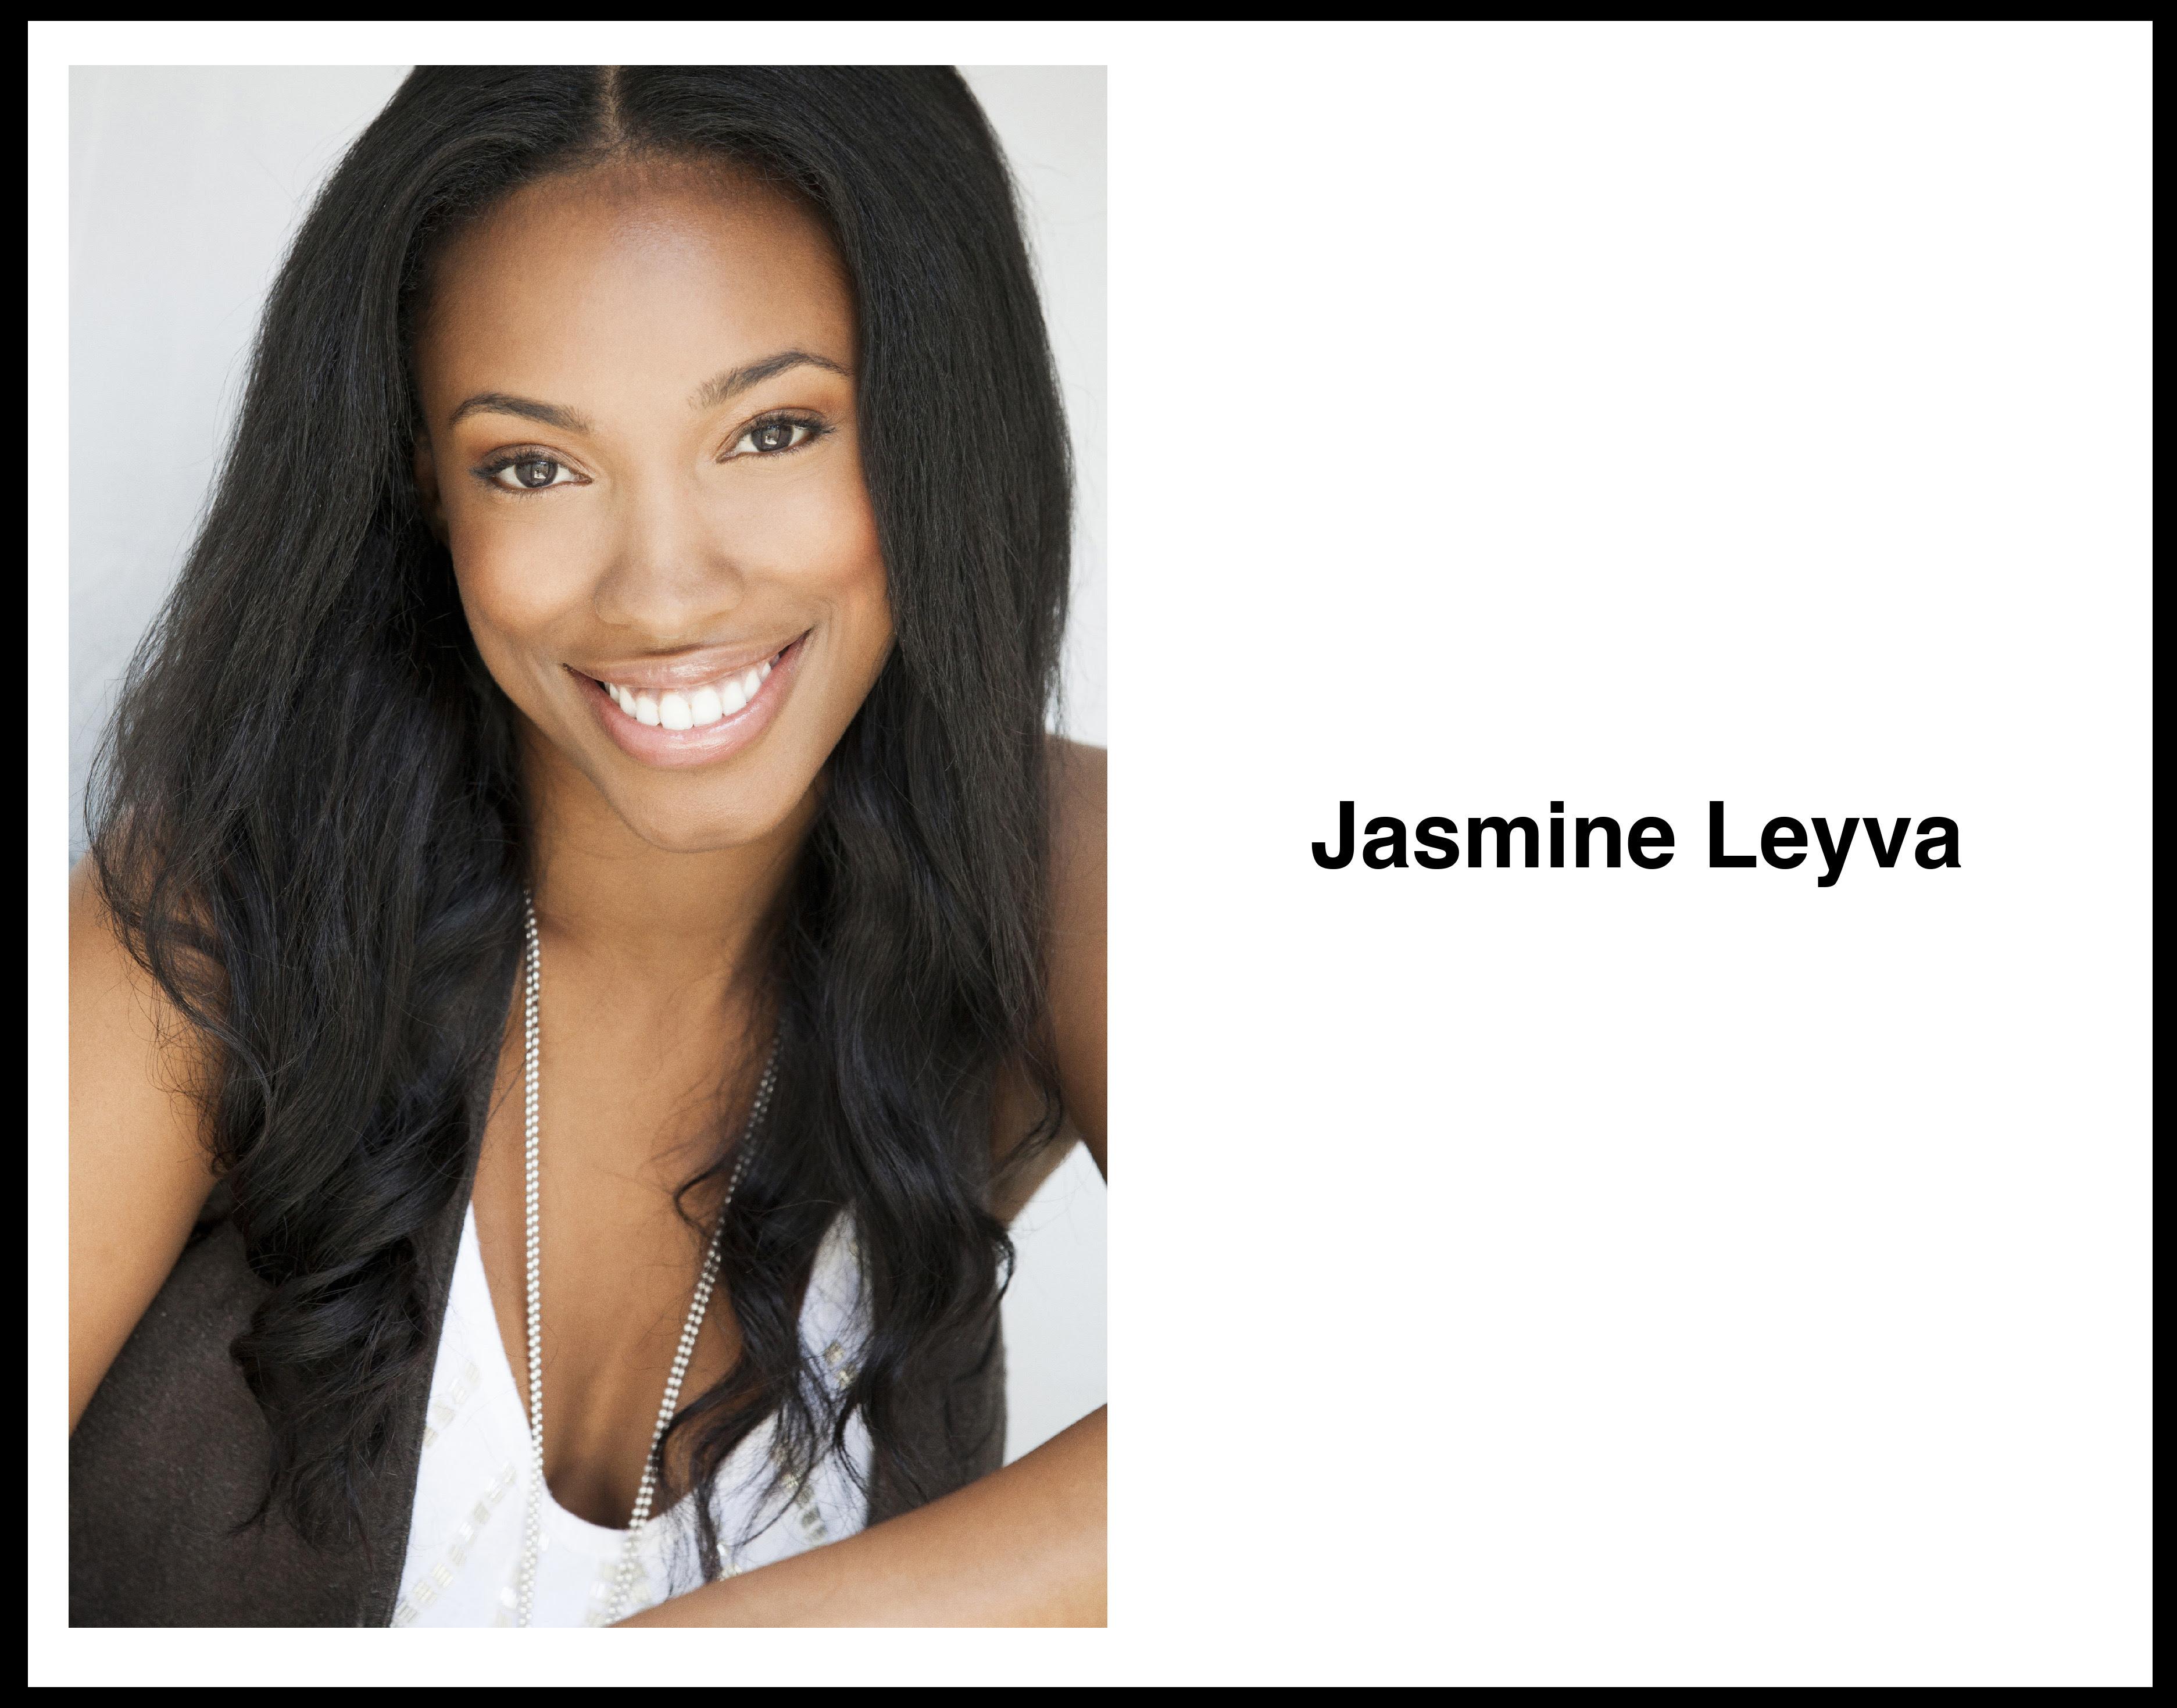 Jasmine Leyva, Winner of VeganFlix Video Seed Grant and filmmaker of the Invisible Vegan